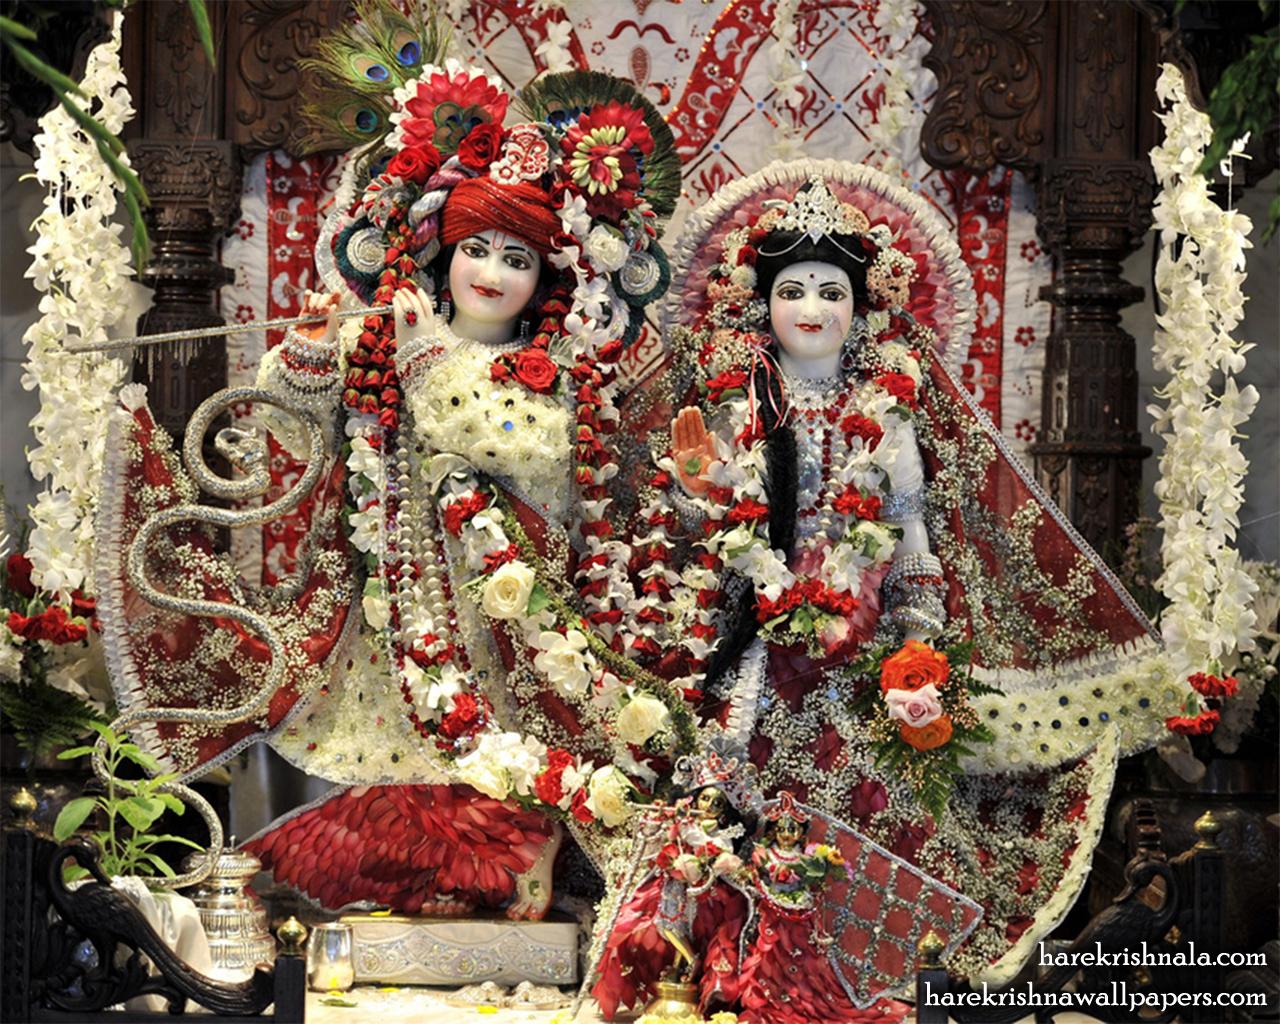 Sri Sri Rukmini Dwarkadhish Wallpaper (010) Size 1280x1024 Download